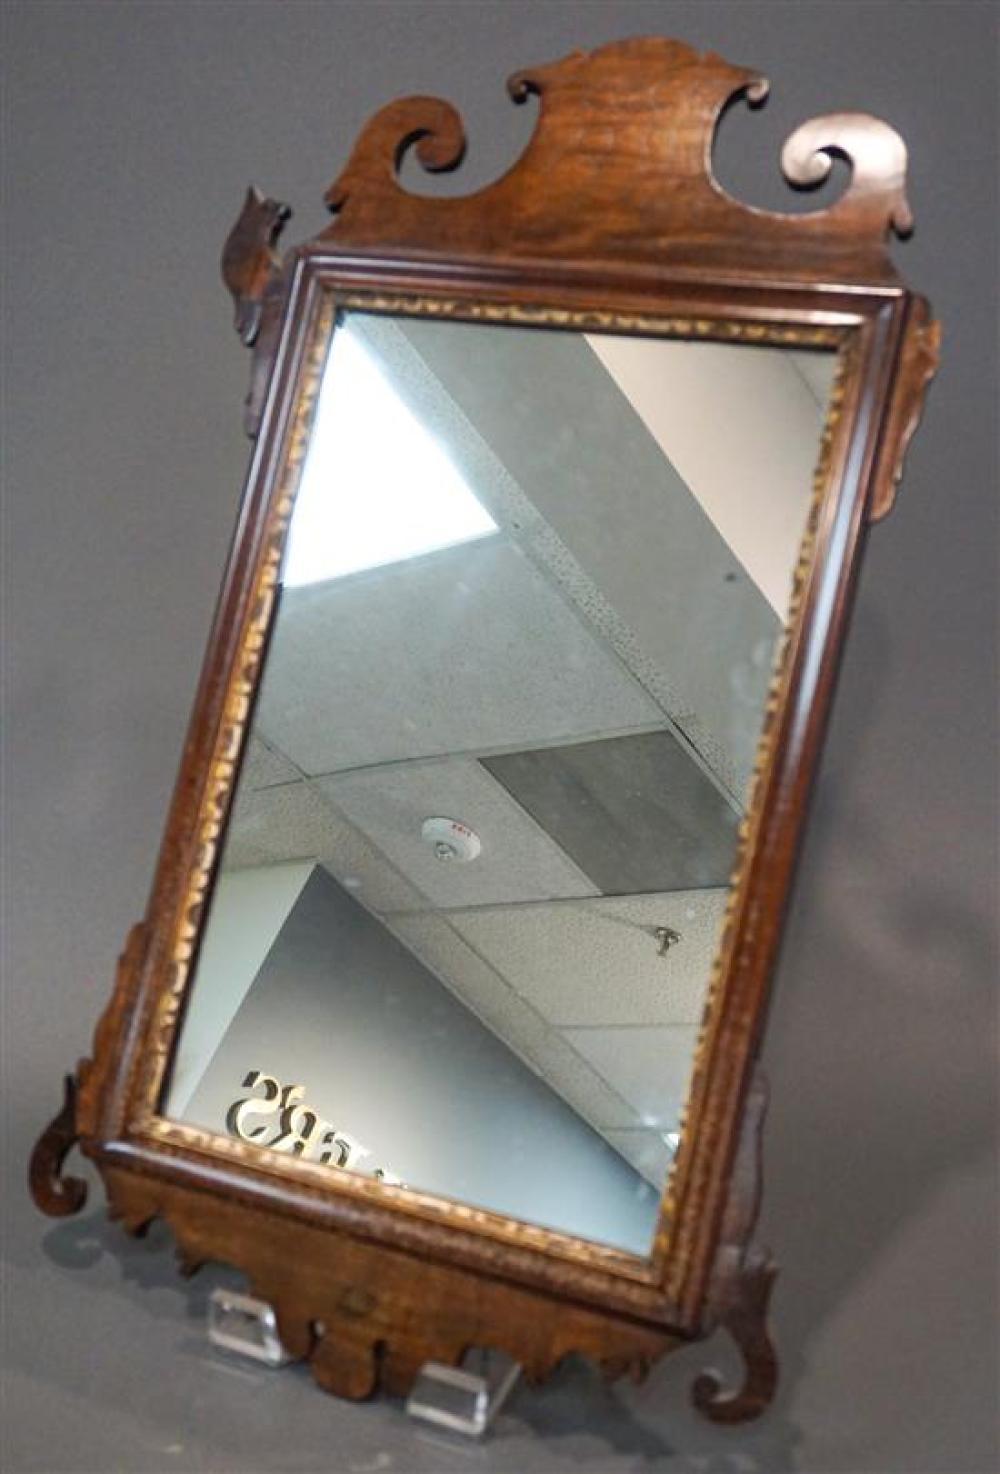 George III Partial Gilt Mahogany Scroll-Ear Mirror, 26-1/2 x 15-1/4 in (damaged)